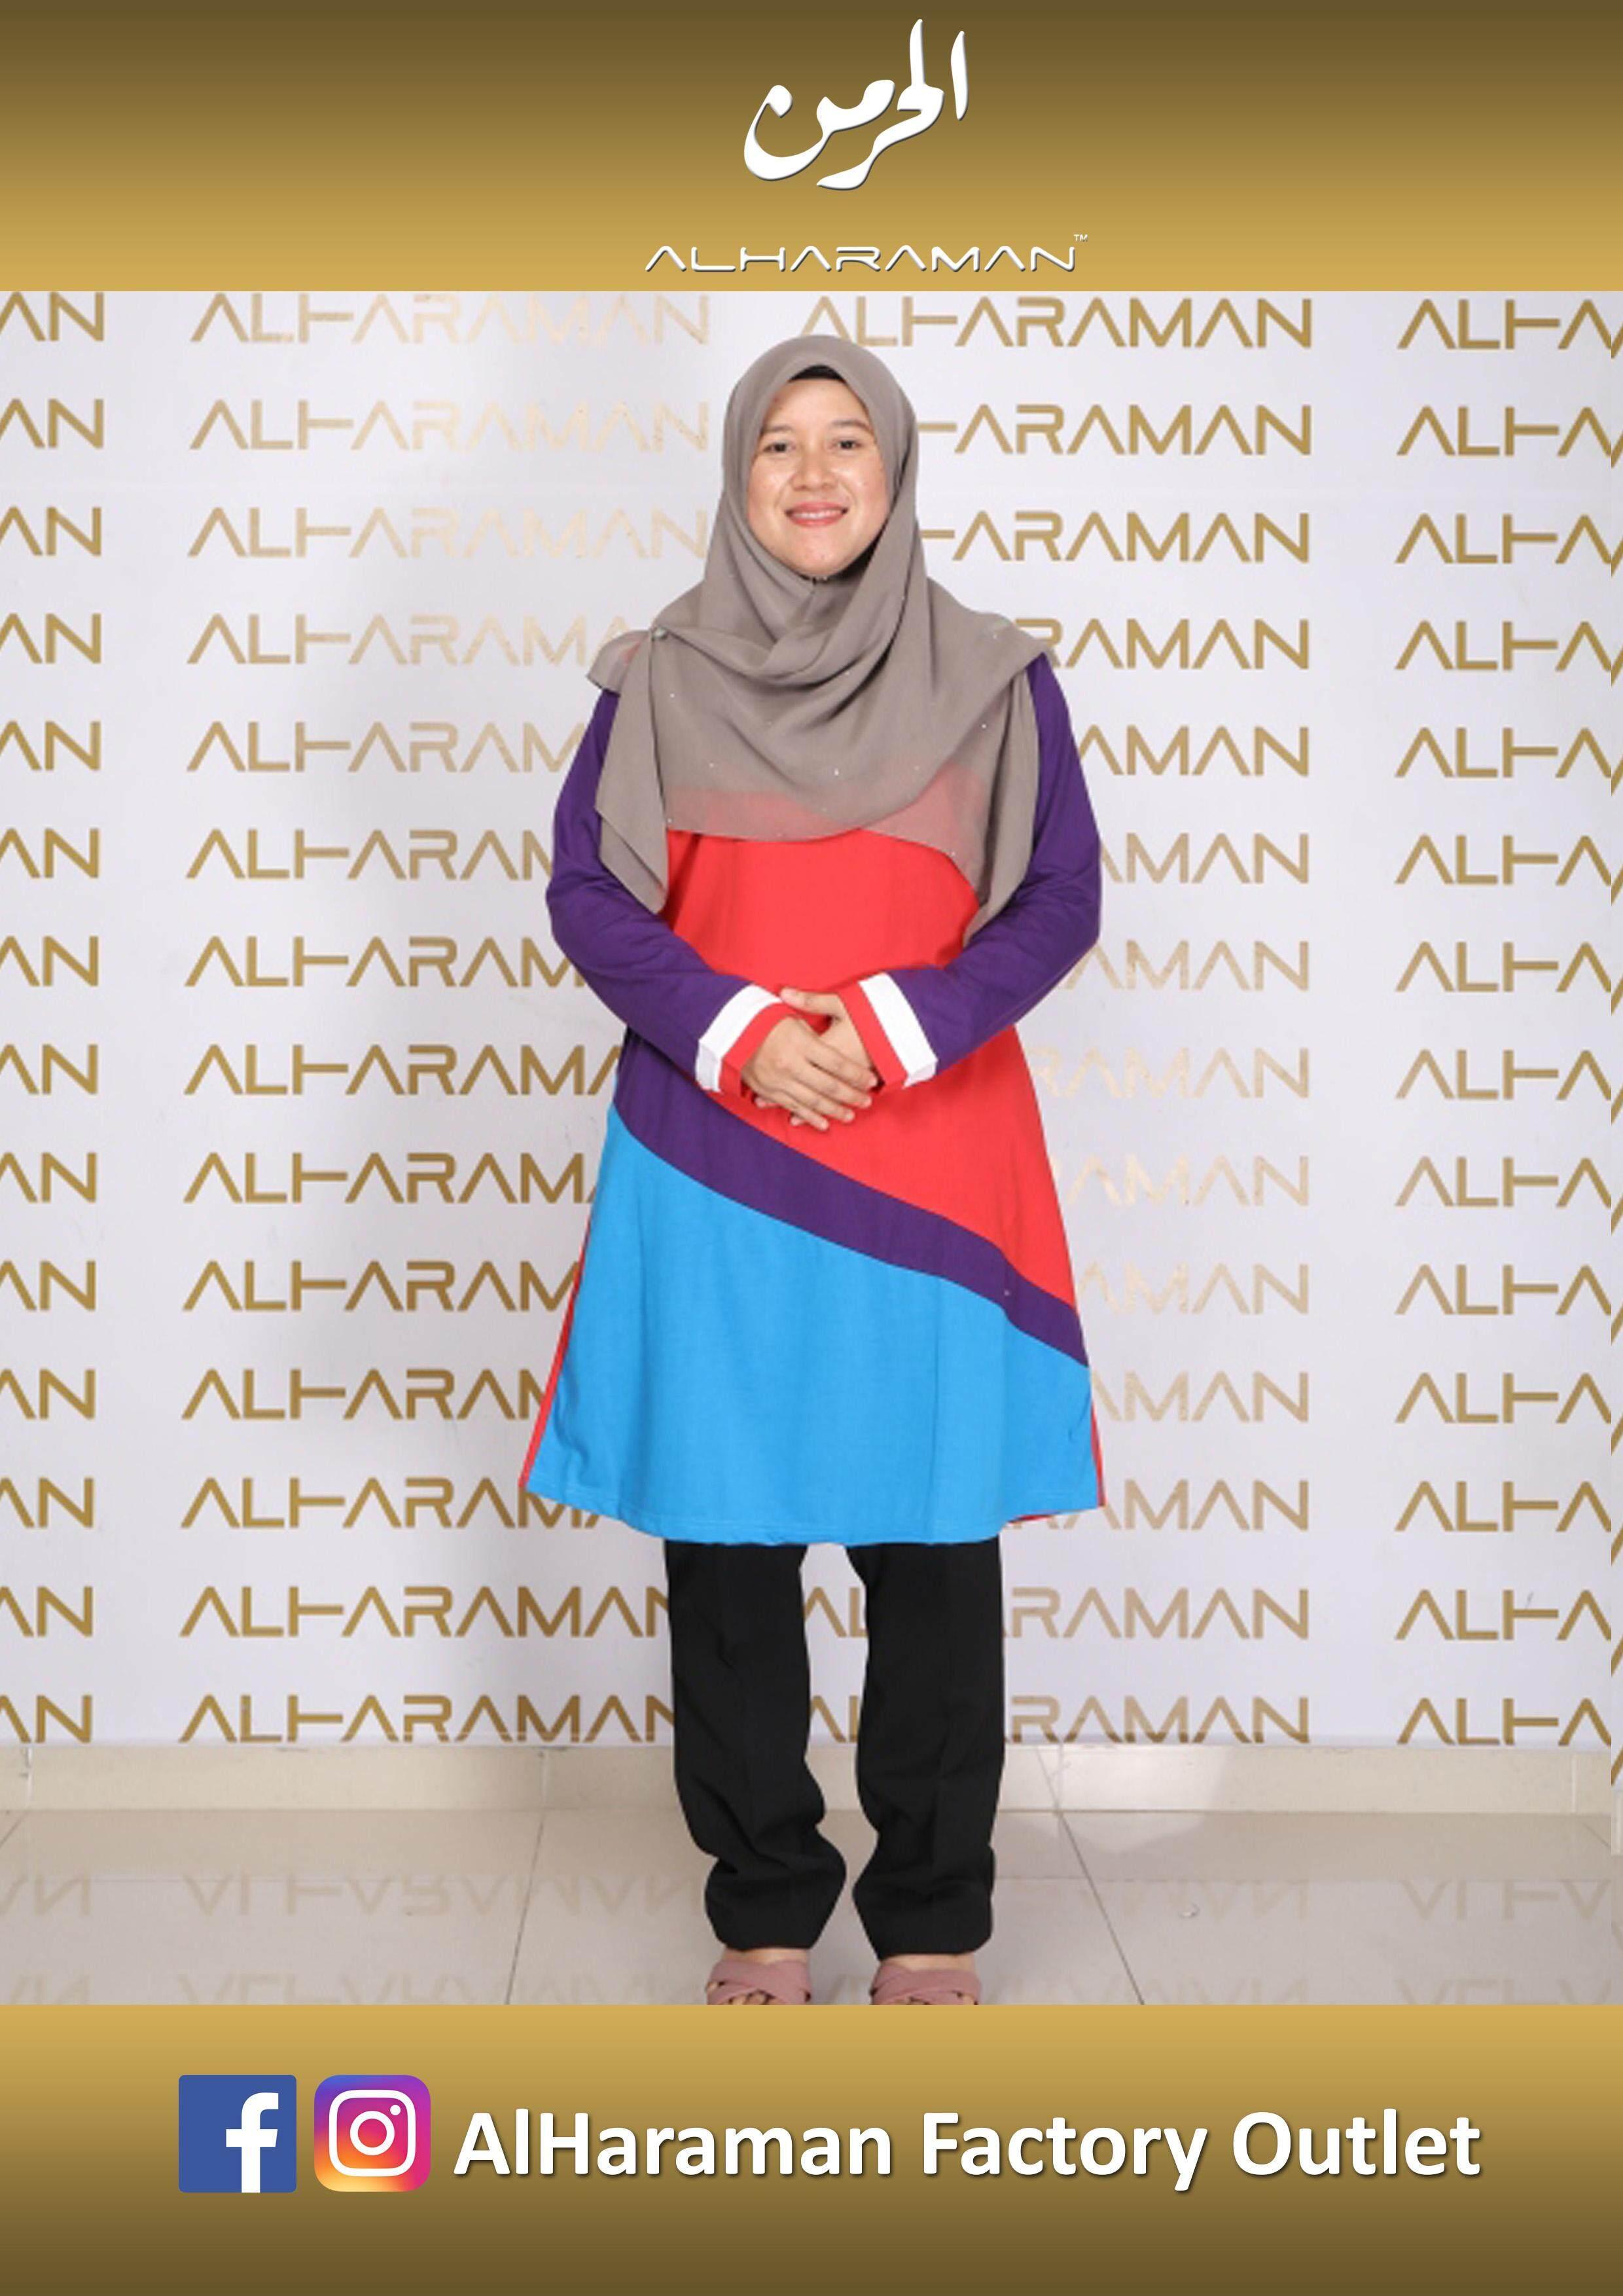 Al-Haraman Baju Muslimah Moden 5